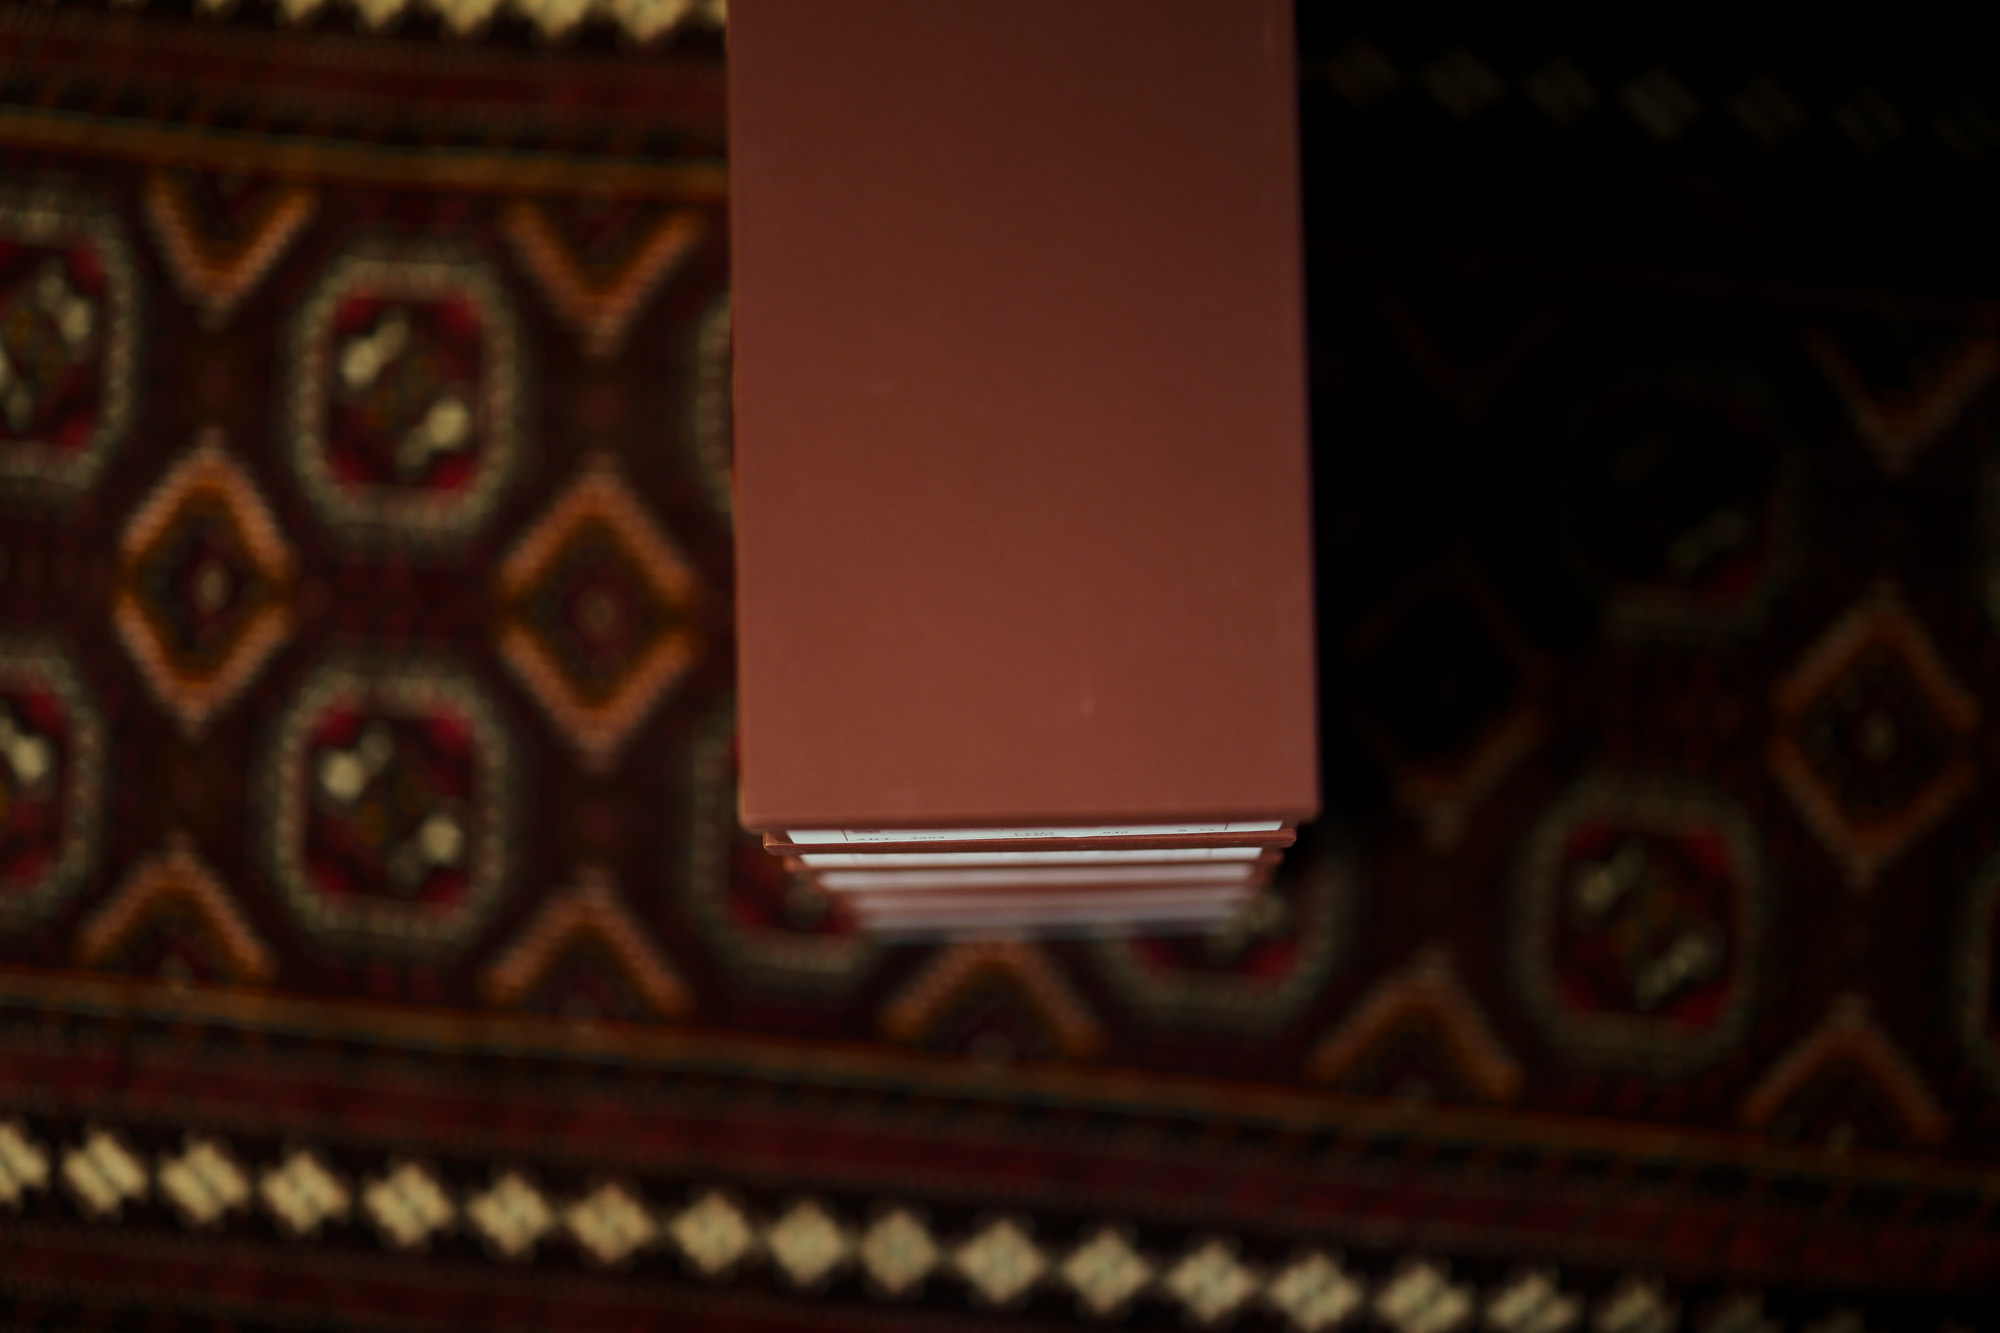 ENZO BONAFE(エンツォボナフェ) ART.3993 Zip up Boots LAMA ラマレザー ダブルストラップブーツ NERO (ブラック) made in italy (イタリア製) 2019 秋冬新作  愛知 名古屋 altoediritto アルトエデリット